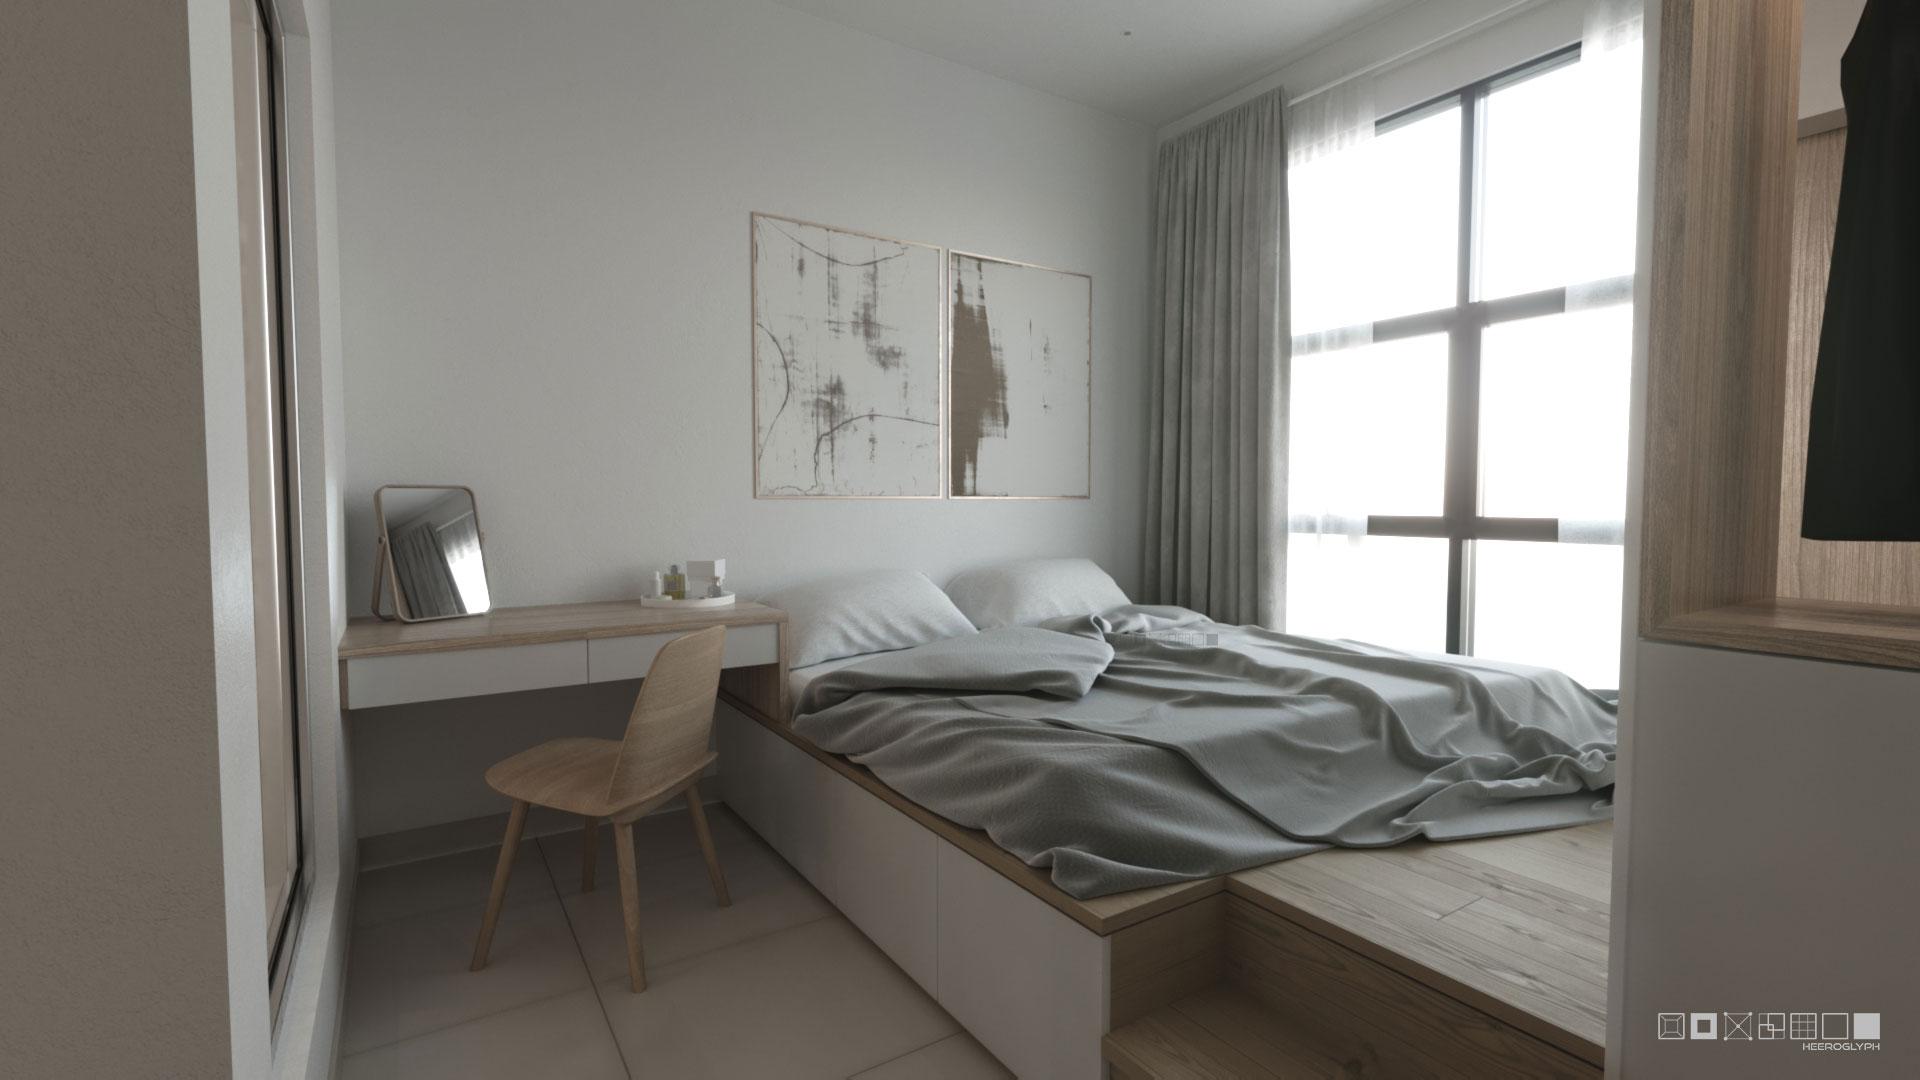 Arte-Bedroom-bed